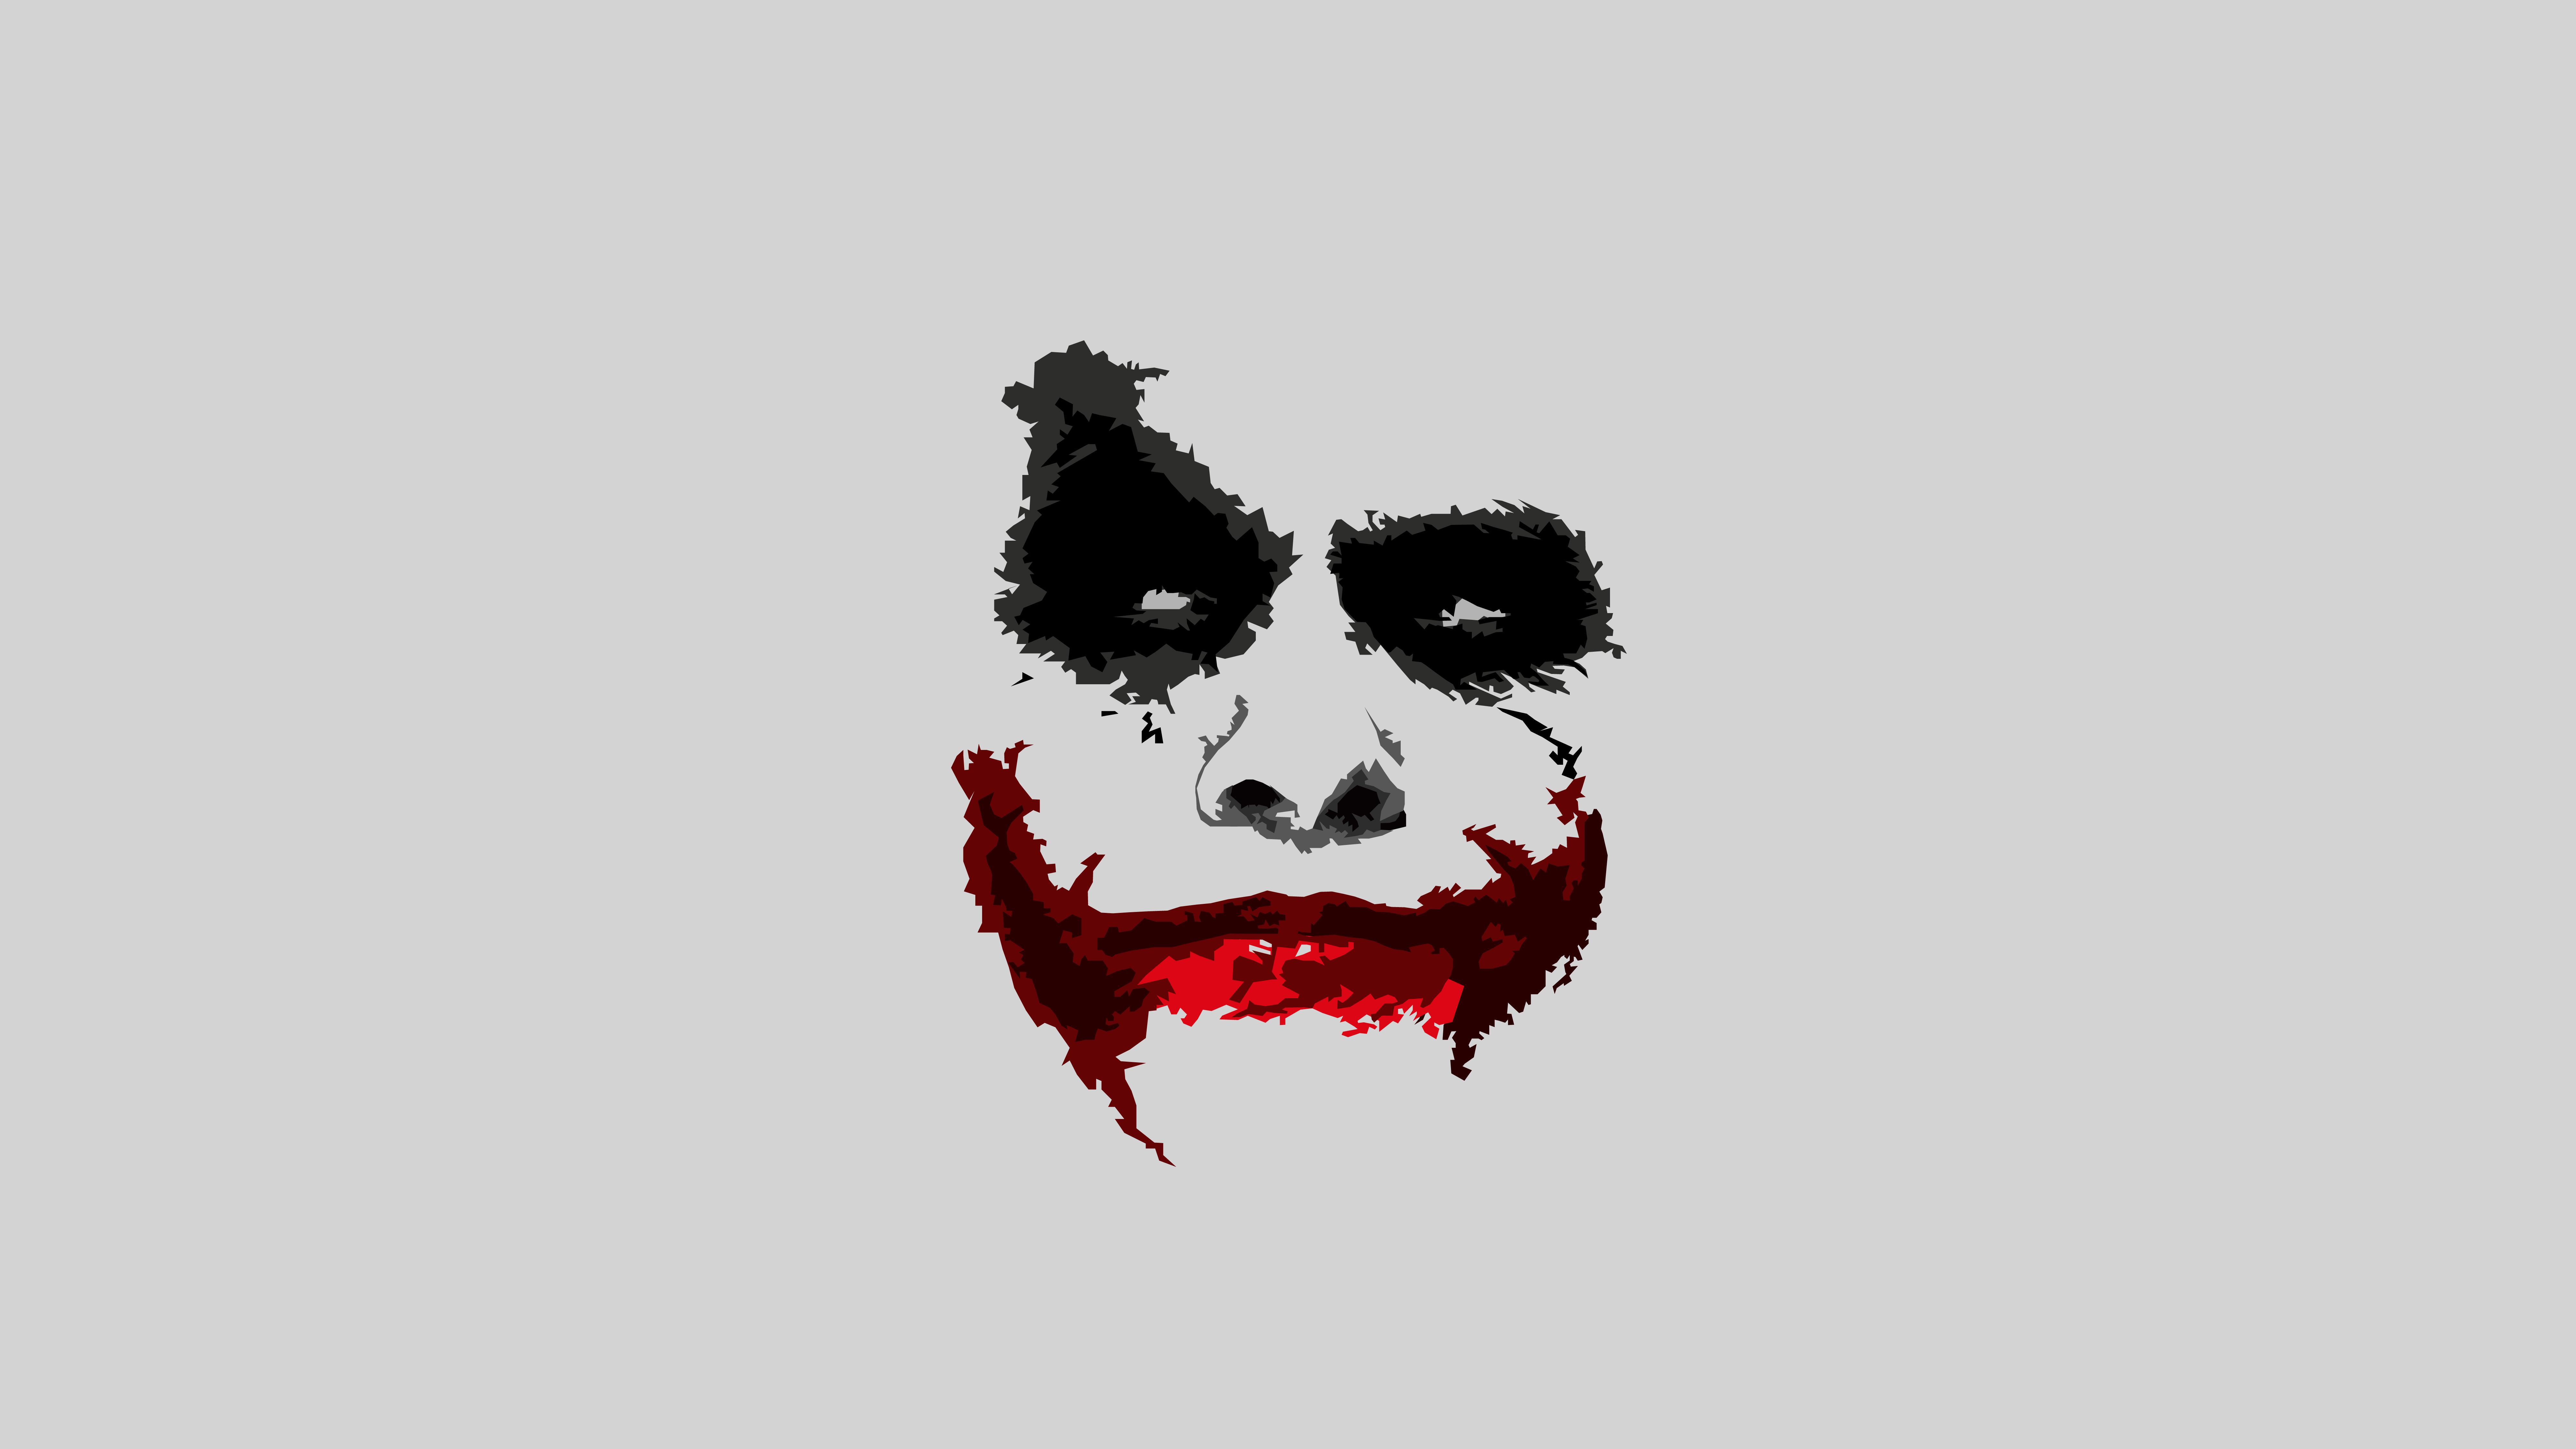 Joker 8k Minimalism, HD Superheroes, 4k Wallpapers, Images ...